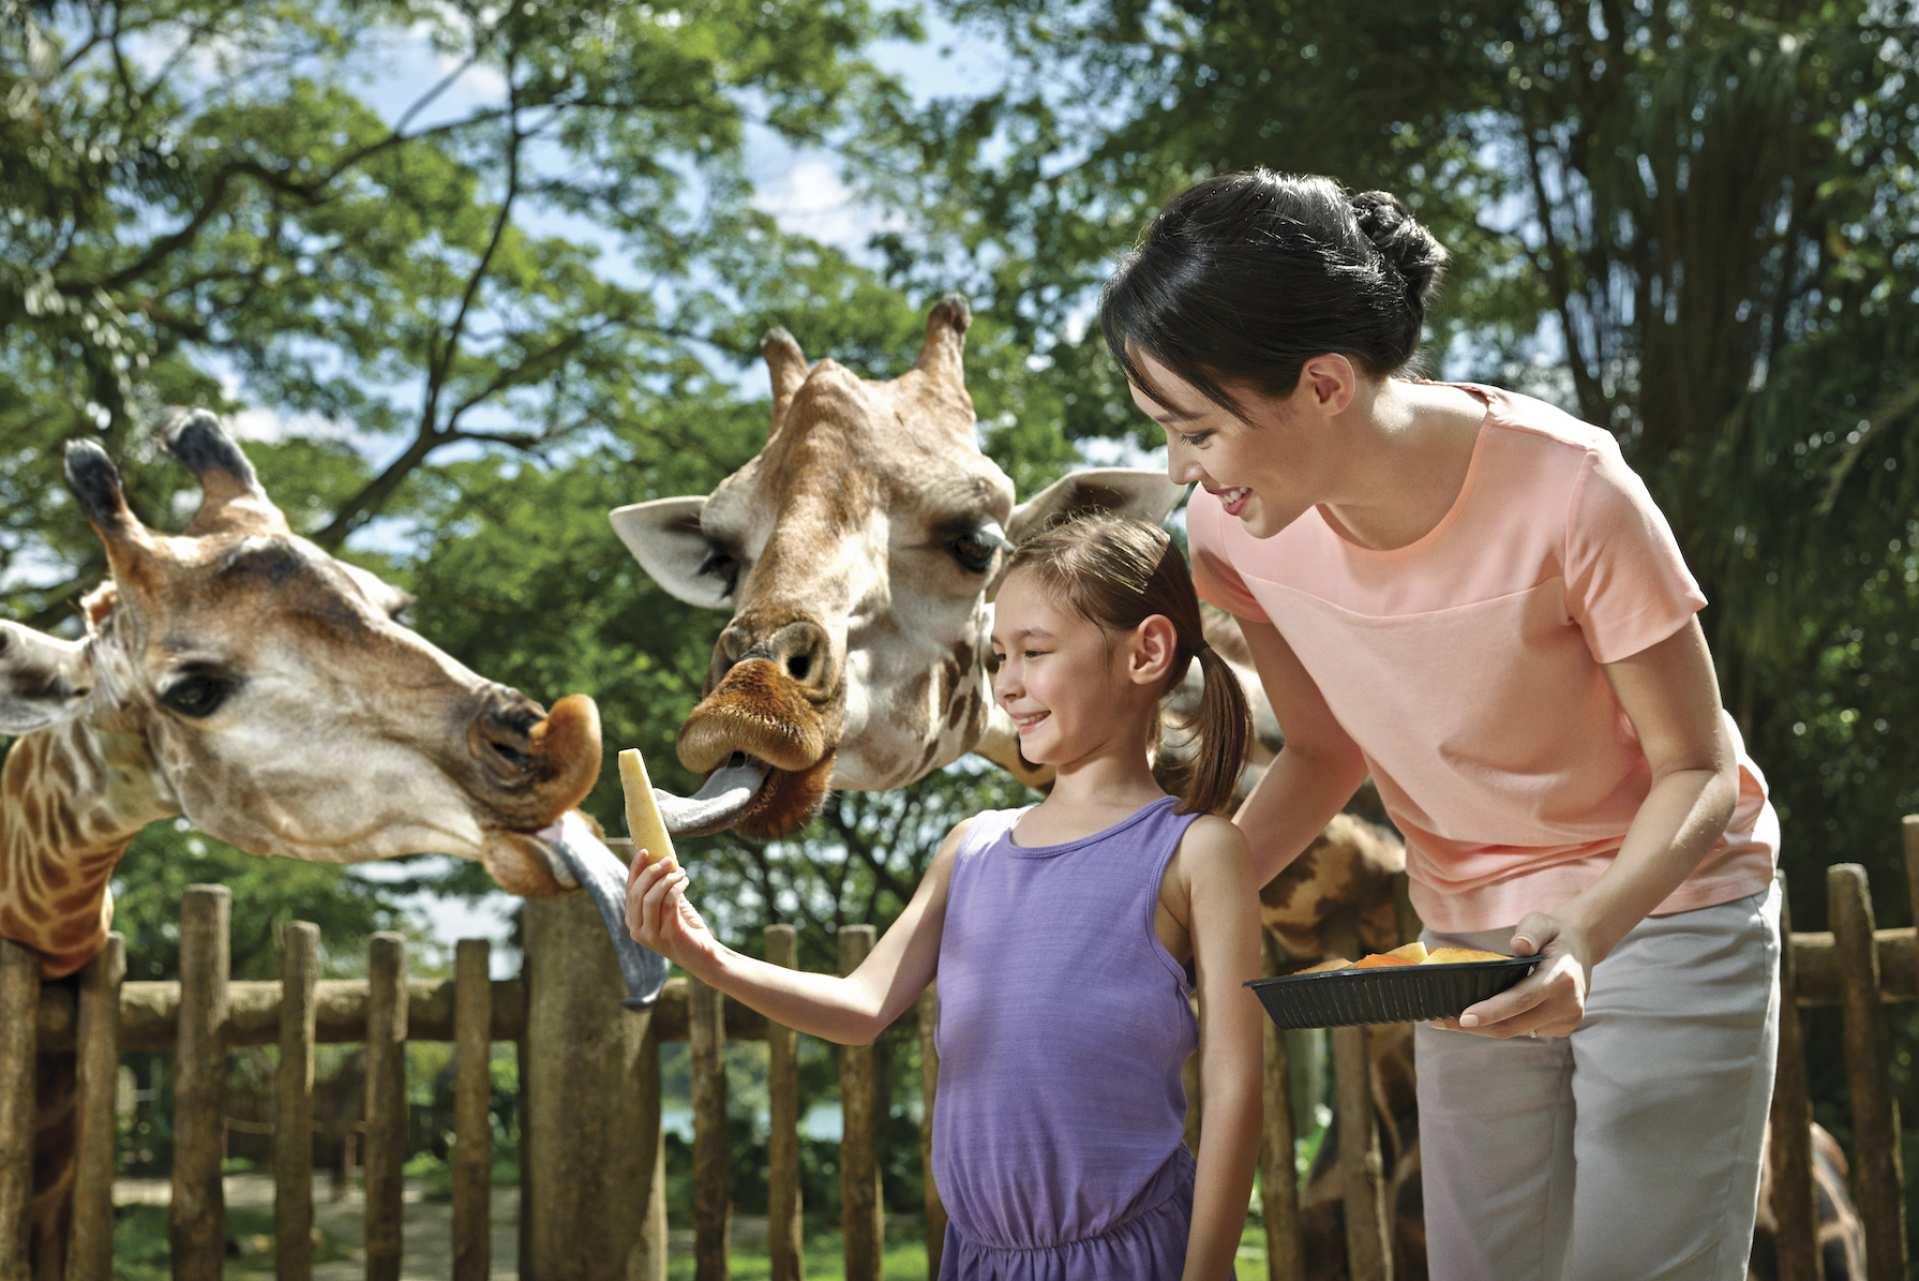 【超值親子套票:自然生態】新加坡河川生態園、動物園、S.E.A. 海洋館門票